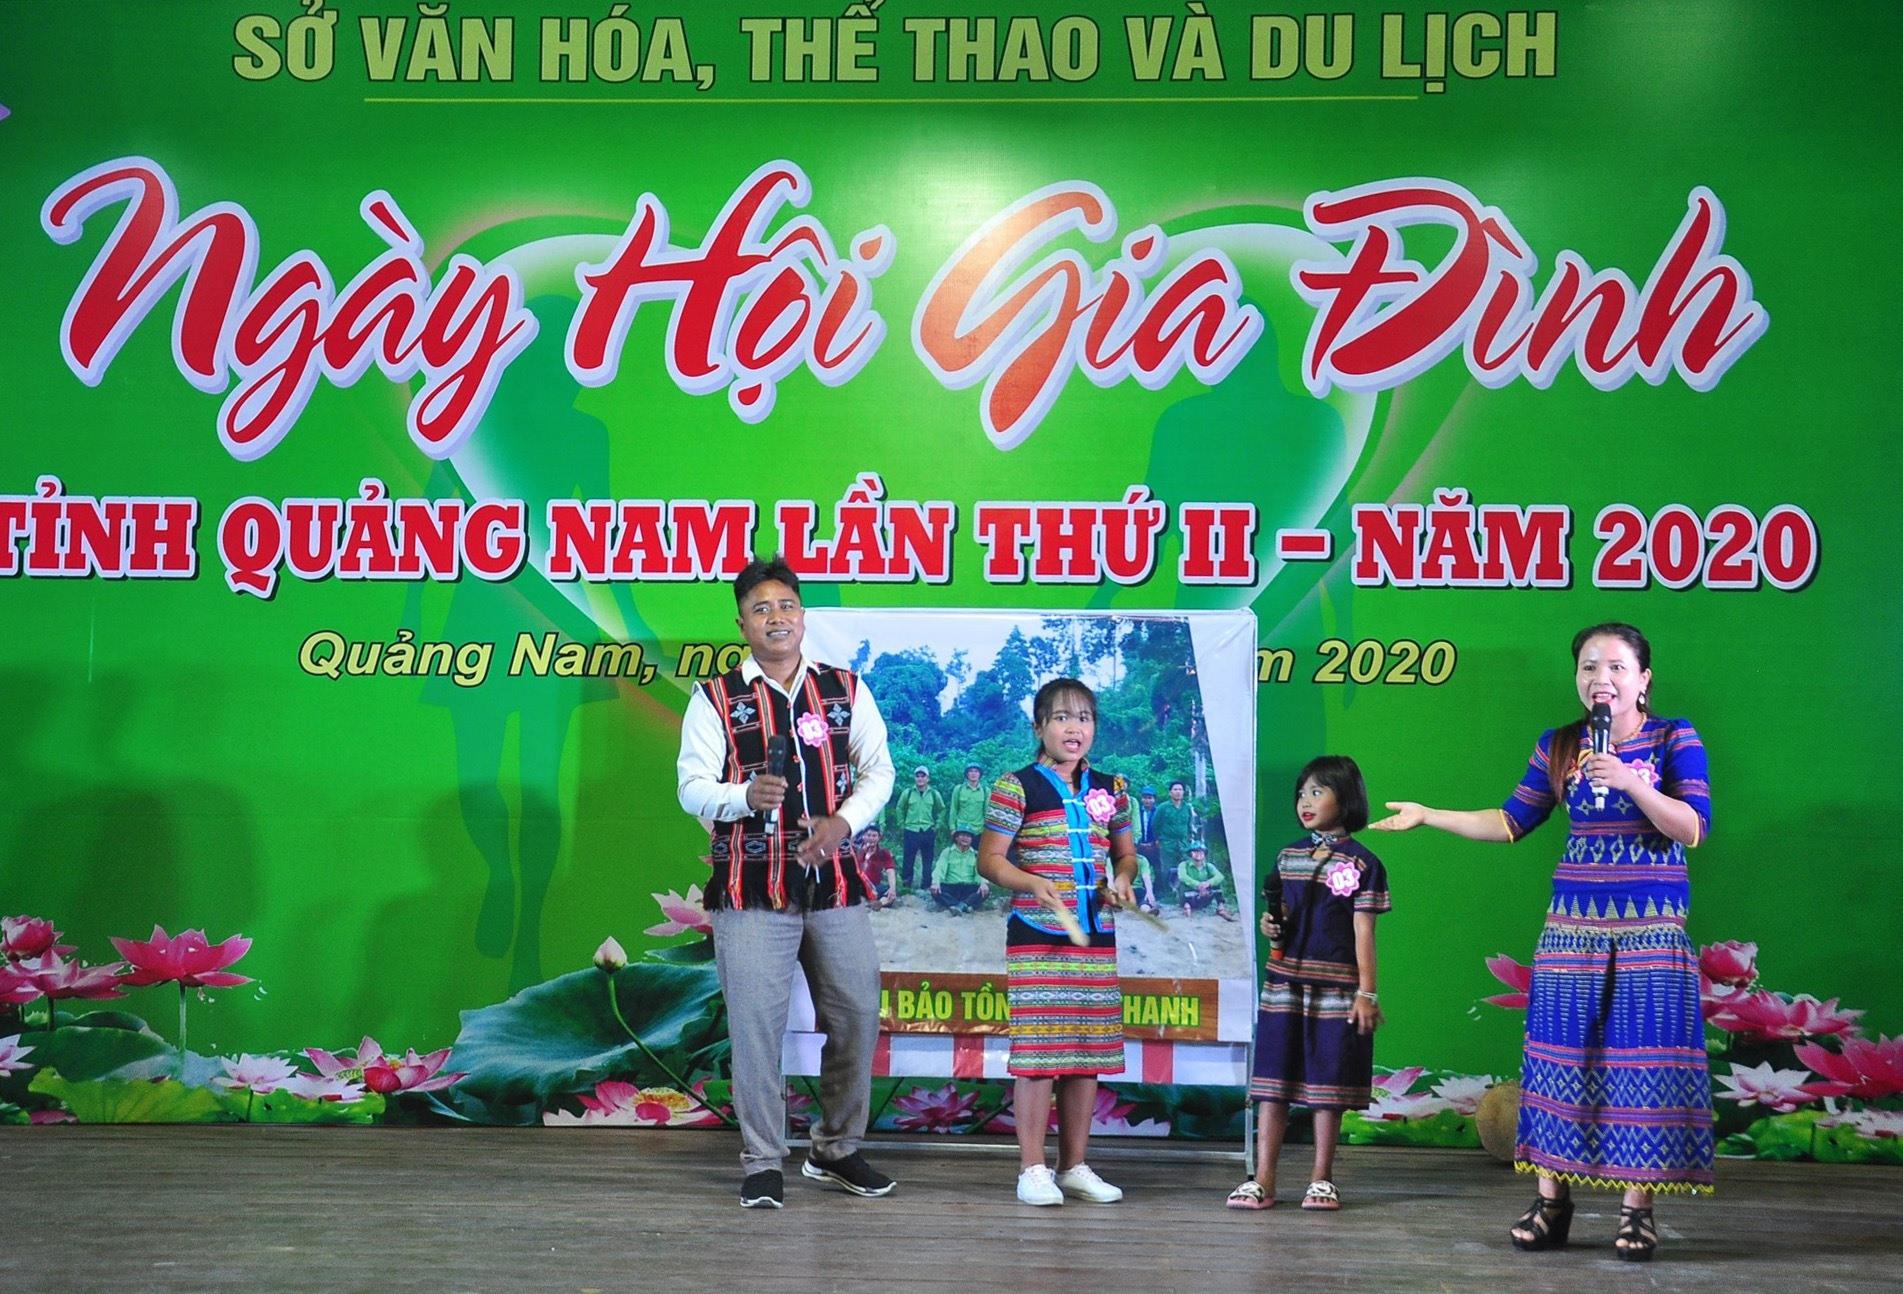 Gia đình anh Aviết Bưu đến từ huyện Nam Giang giành giải Nhất tại Ngày hội Gia đình Quảng Nam lần thứ II - năm 2020. Ảnh: VINH ANH